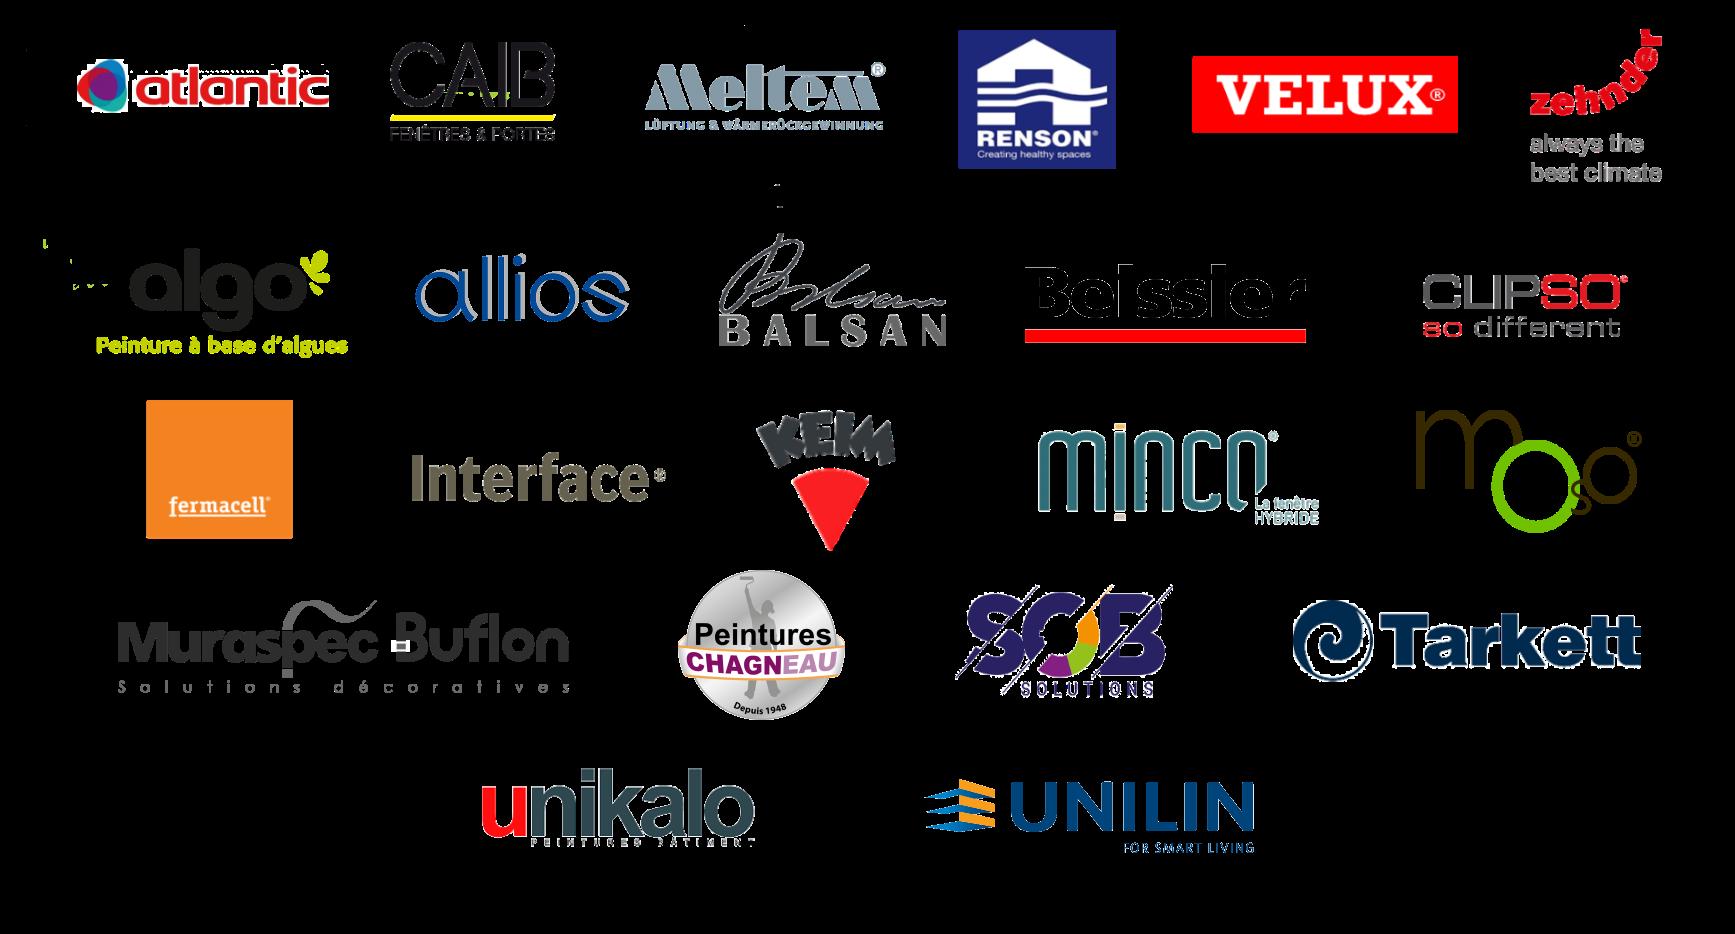 représentation des logos des partenaires